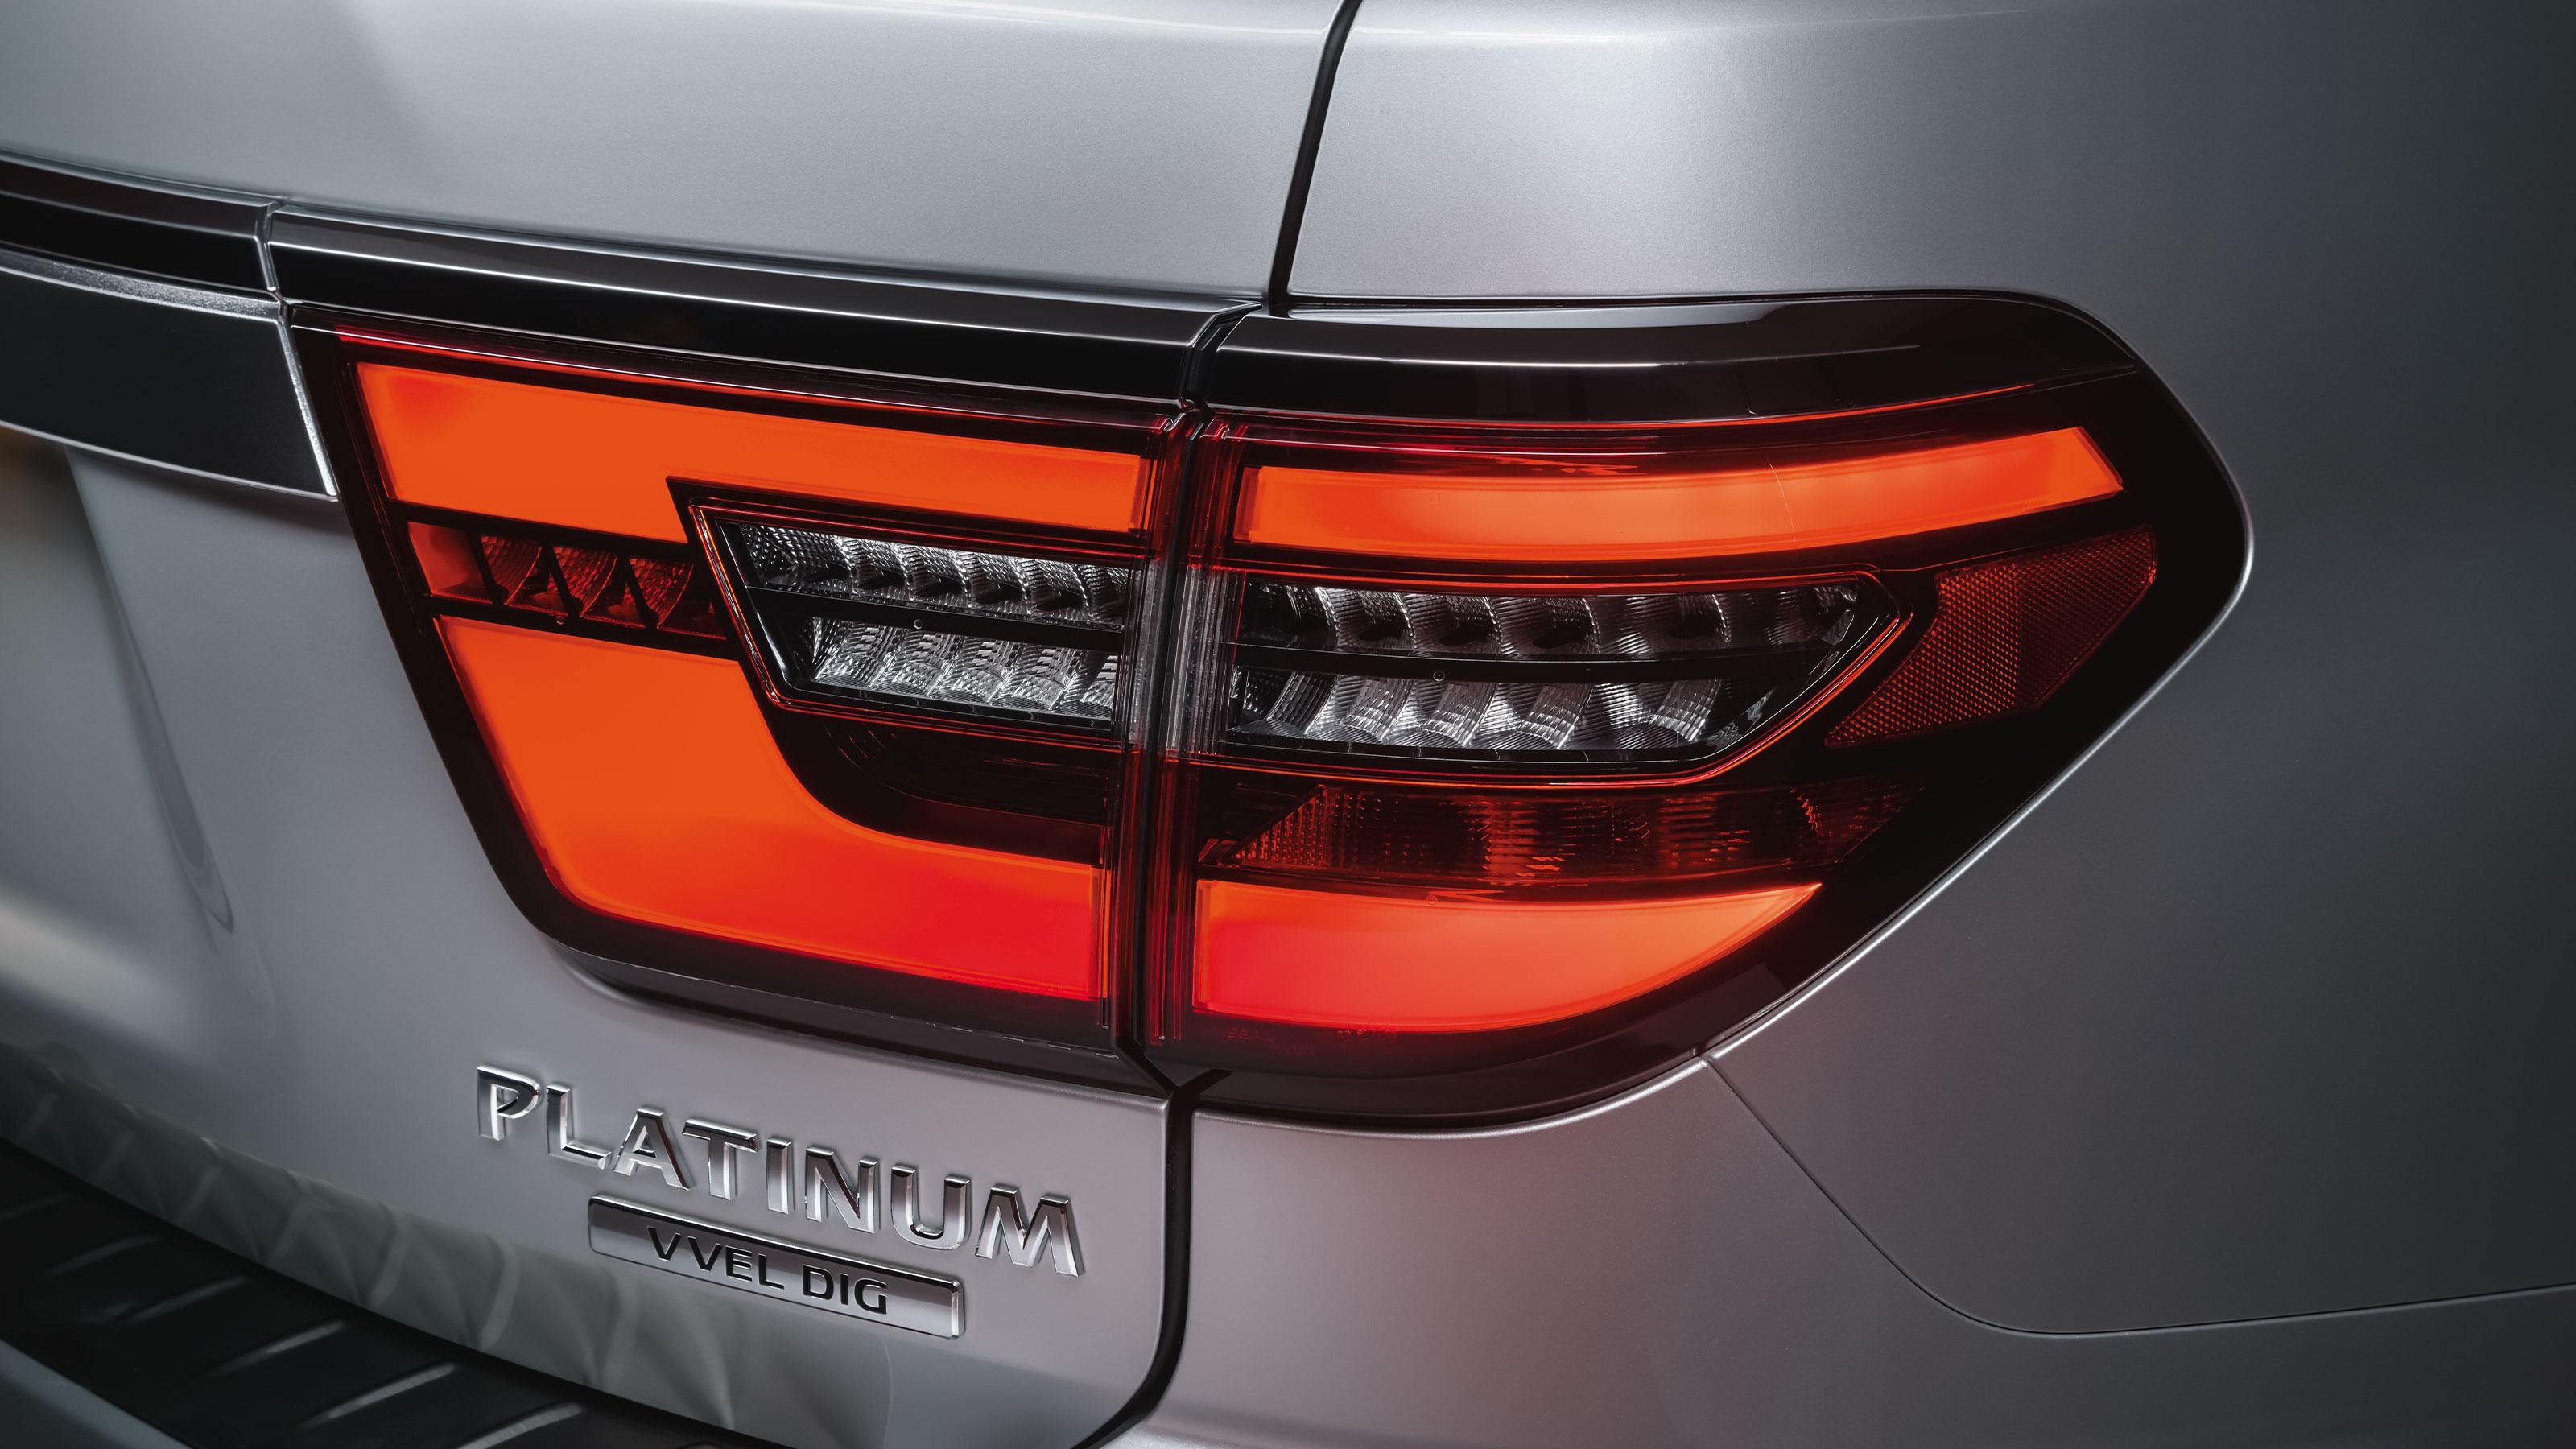 2020 NISSAN PATROL rear LED light